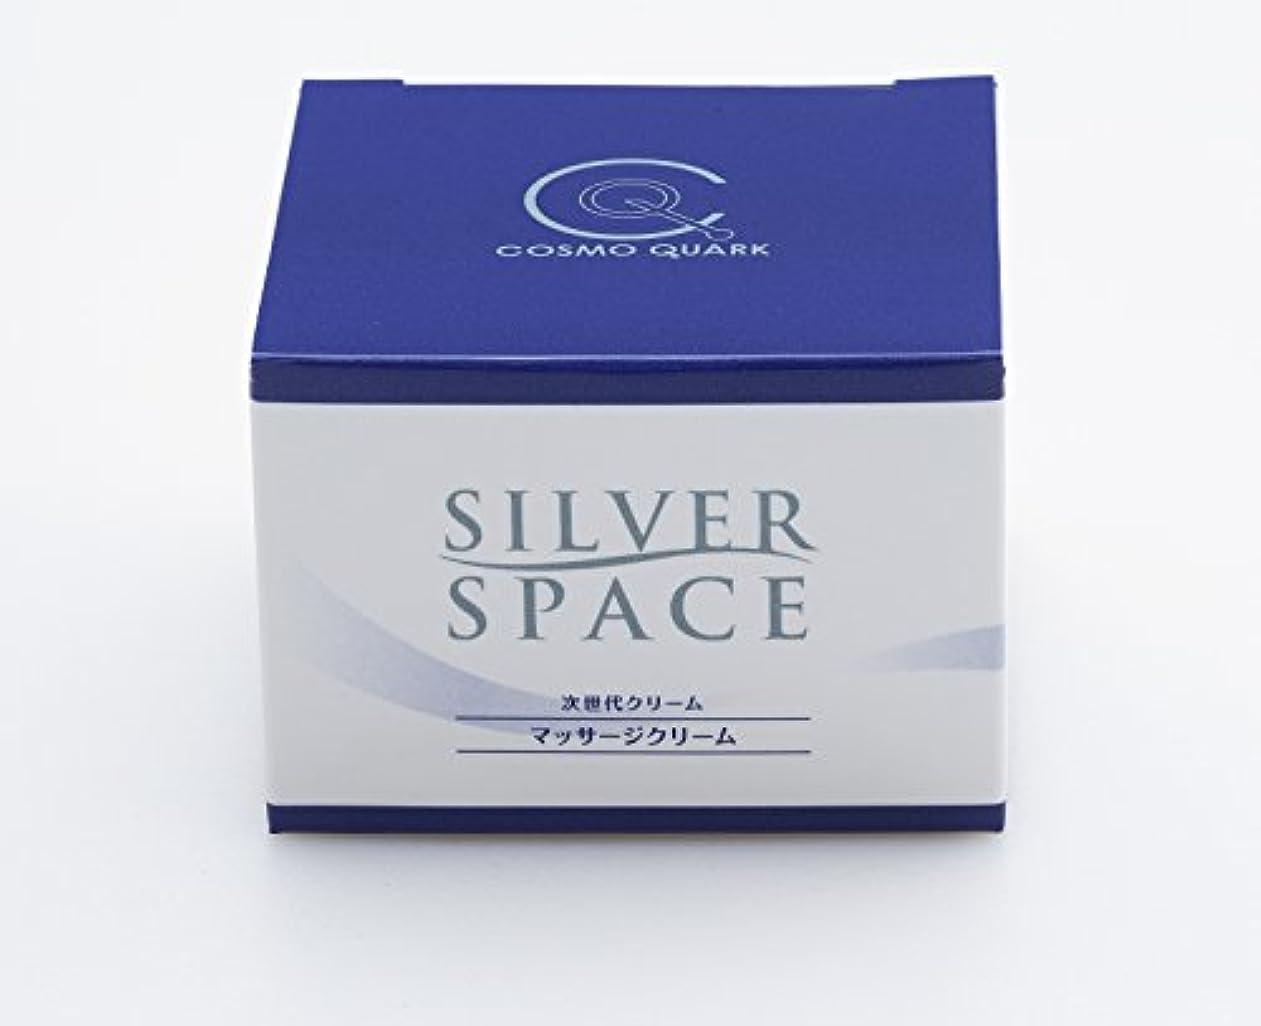 無人コンチネンタル愛国的なクオンタムキュア(Quantum Cure)SILVER SPACE シルバースペース